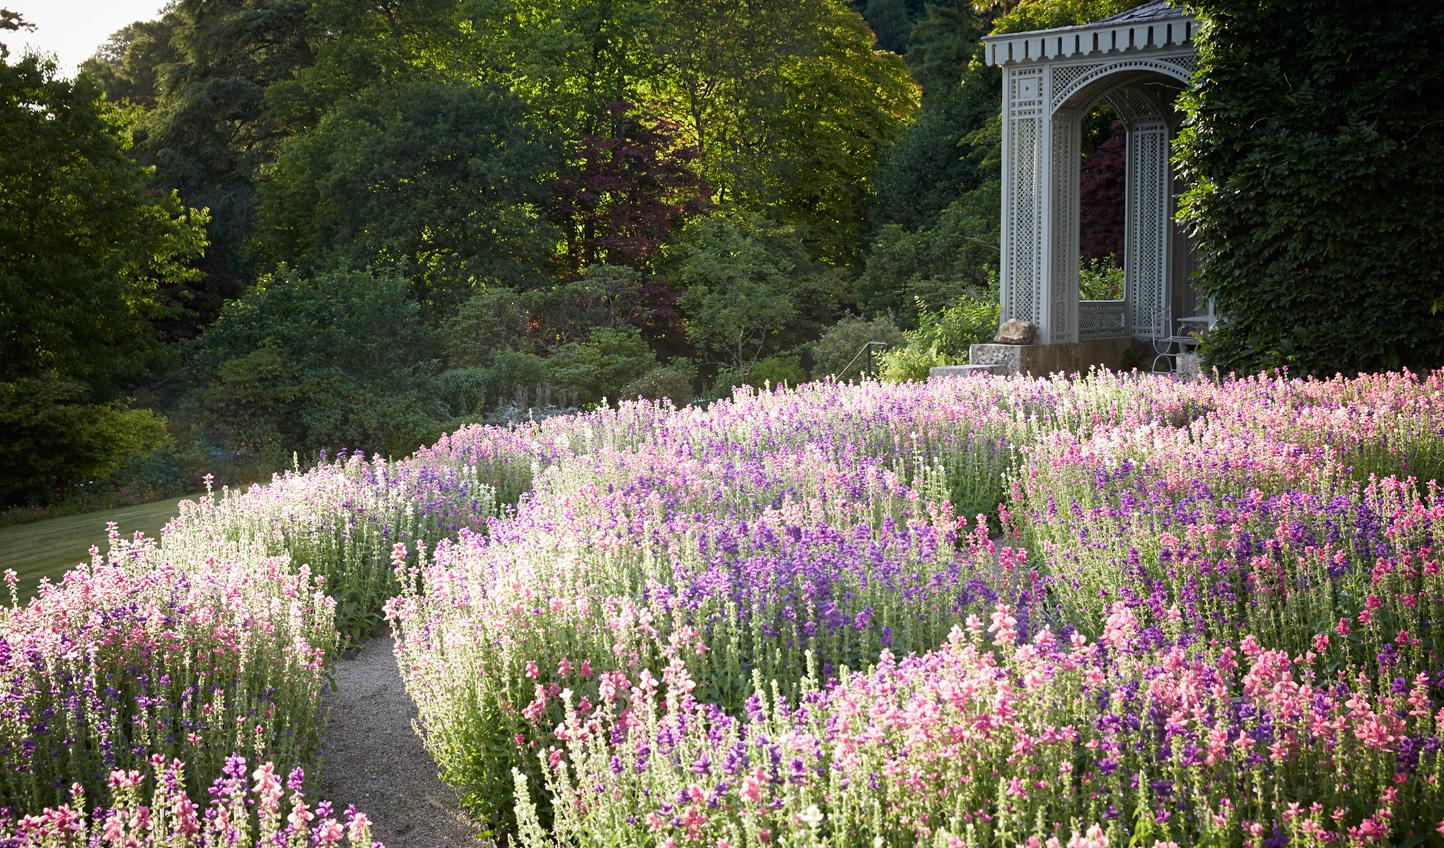 Stroll through gardens blanketed in seasonal blooms